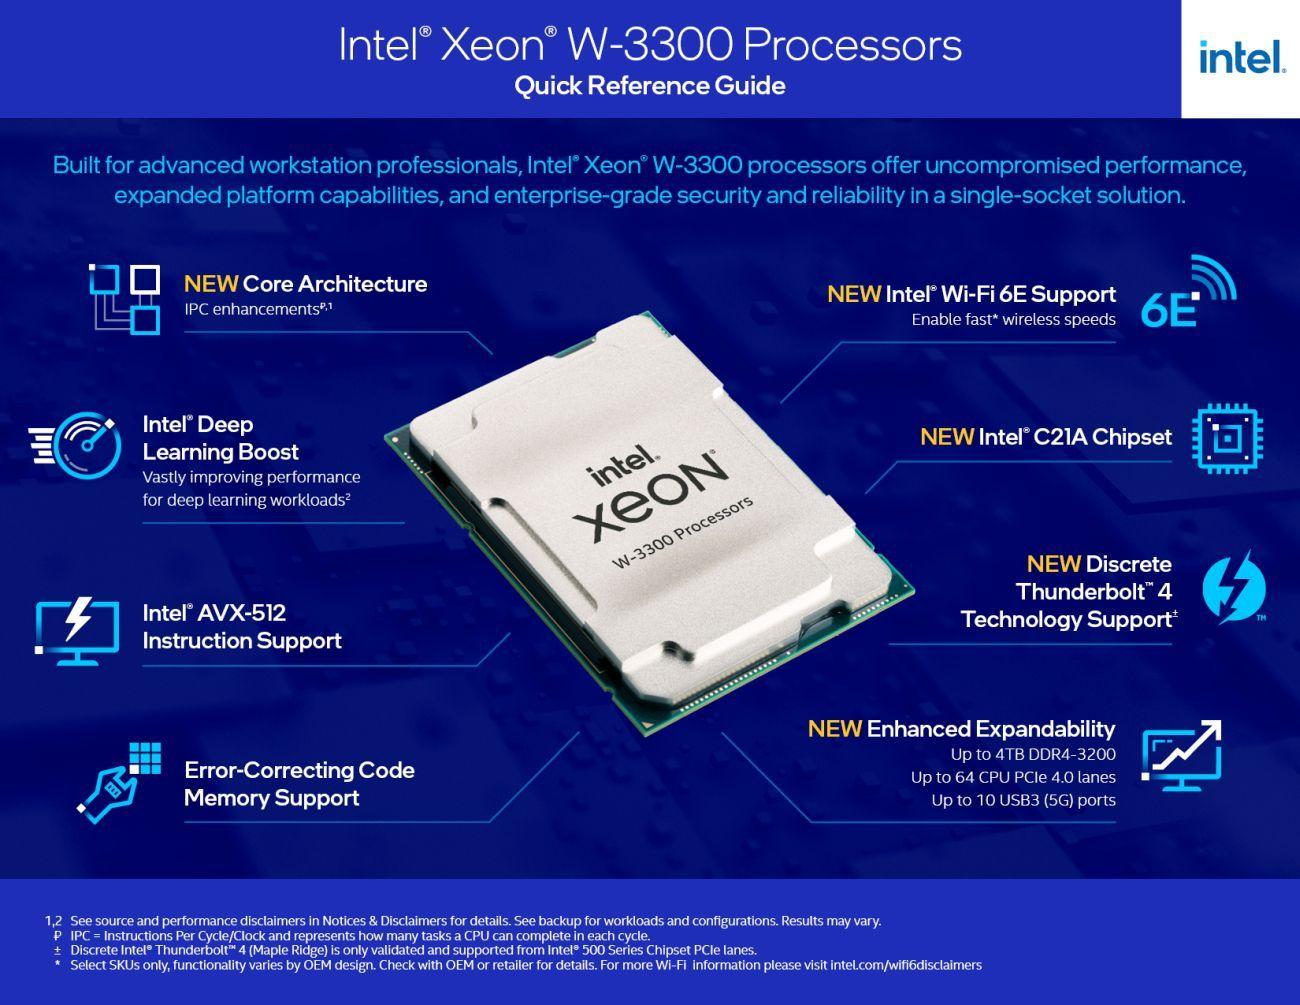 xeon W-3300